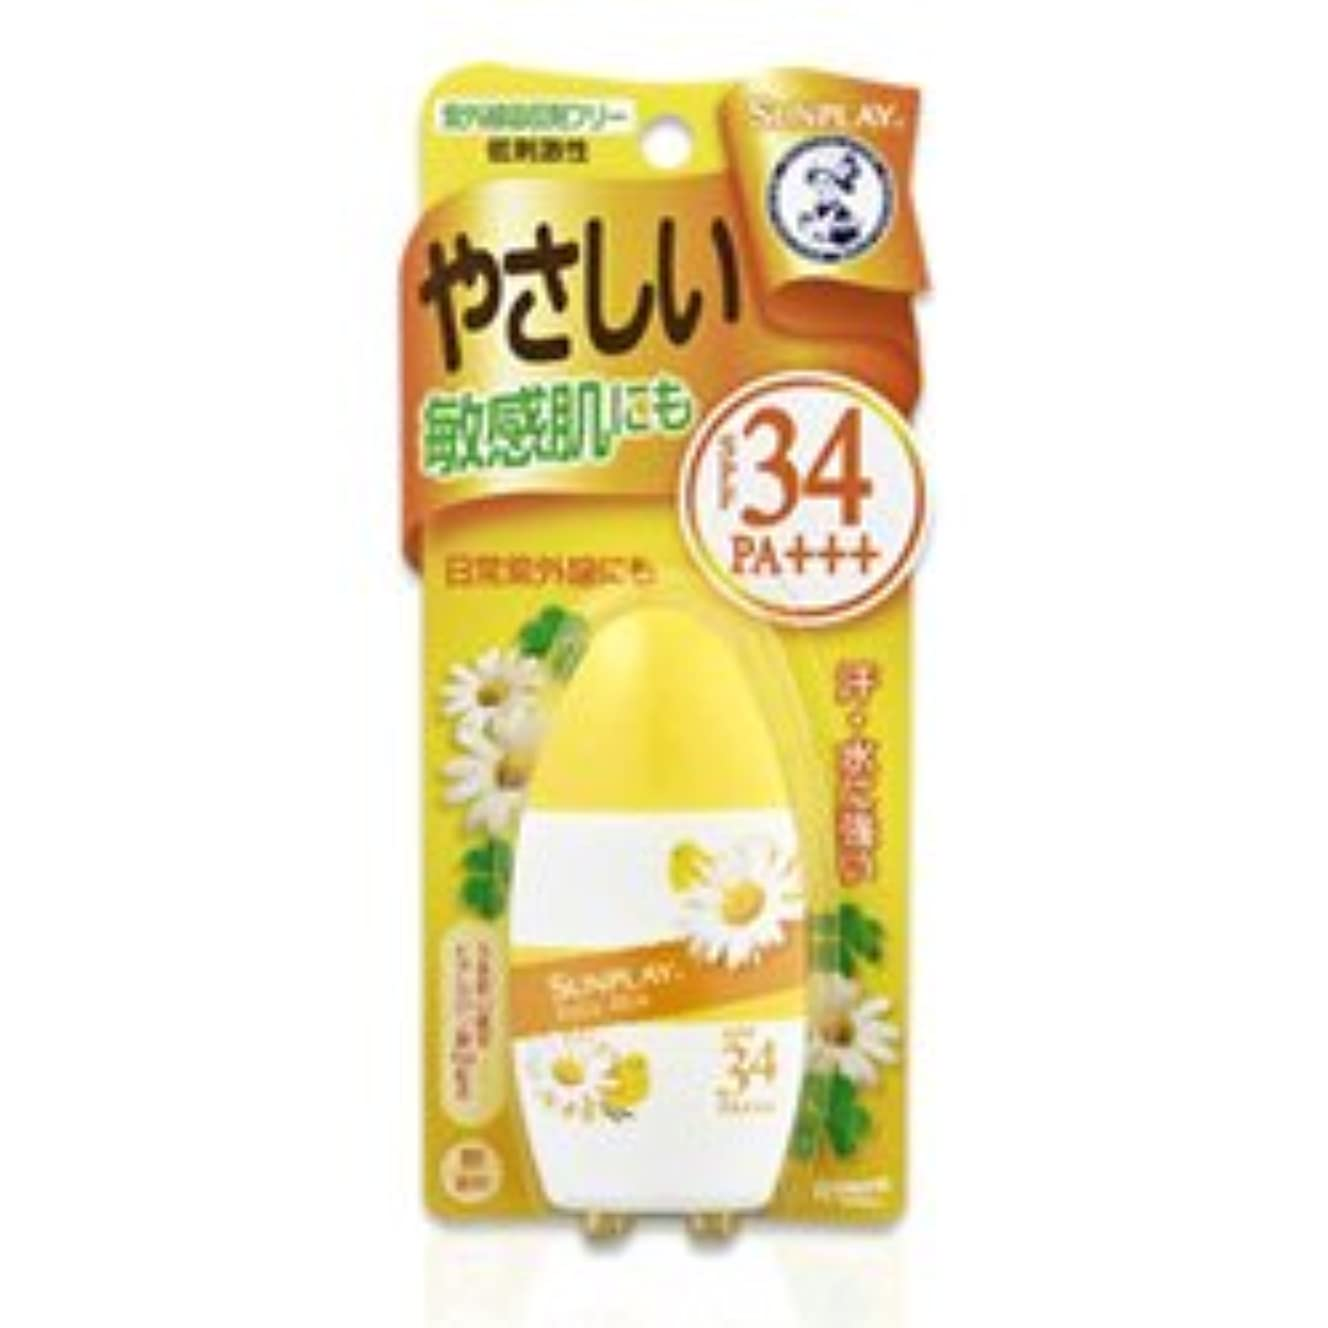 アリス安価なコショウ【ロート製薬】メンソレータム サンプレイ ベビーミルク 30g ×5個セット